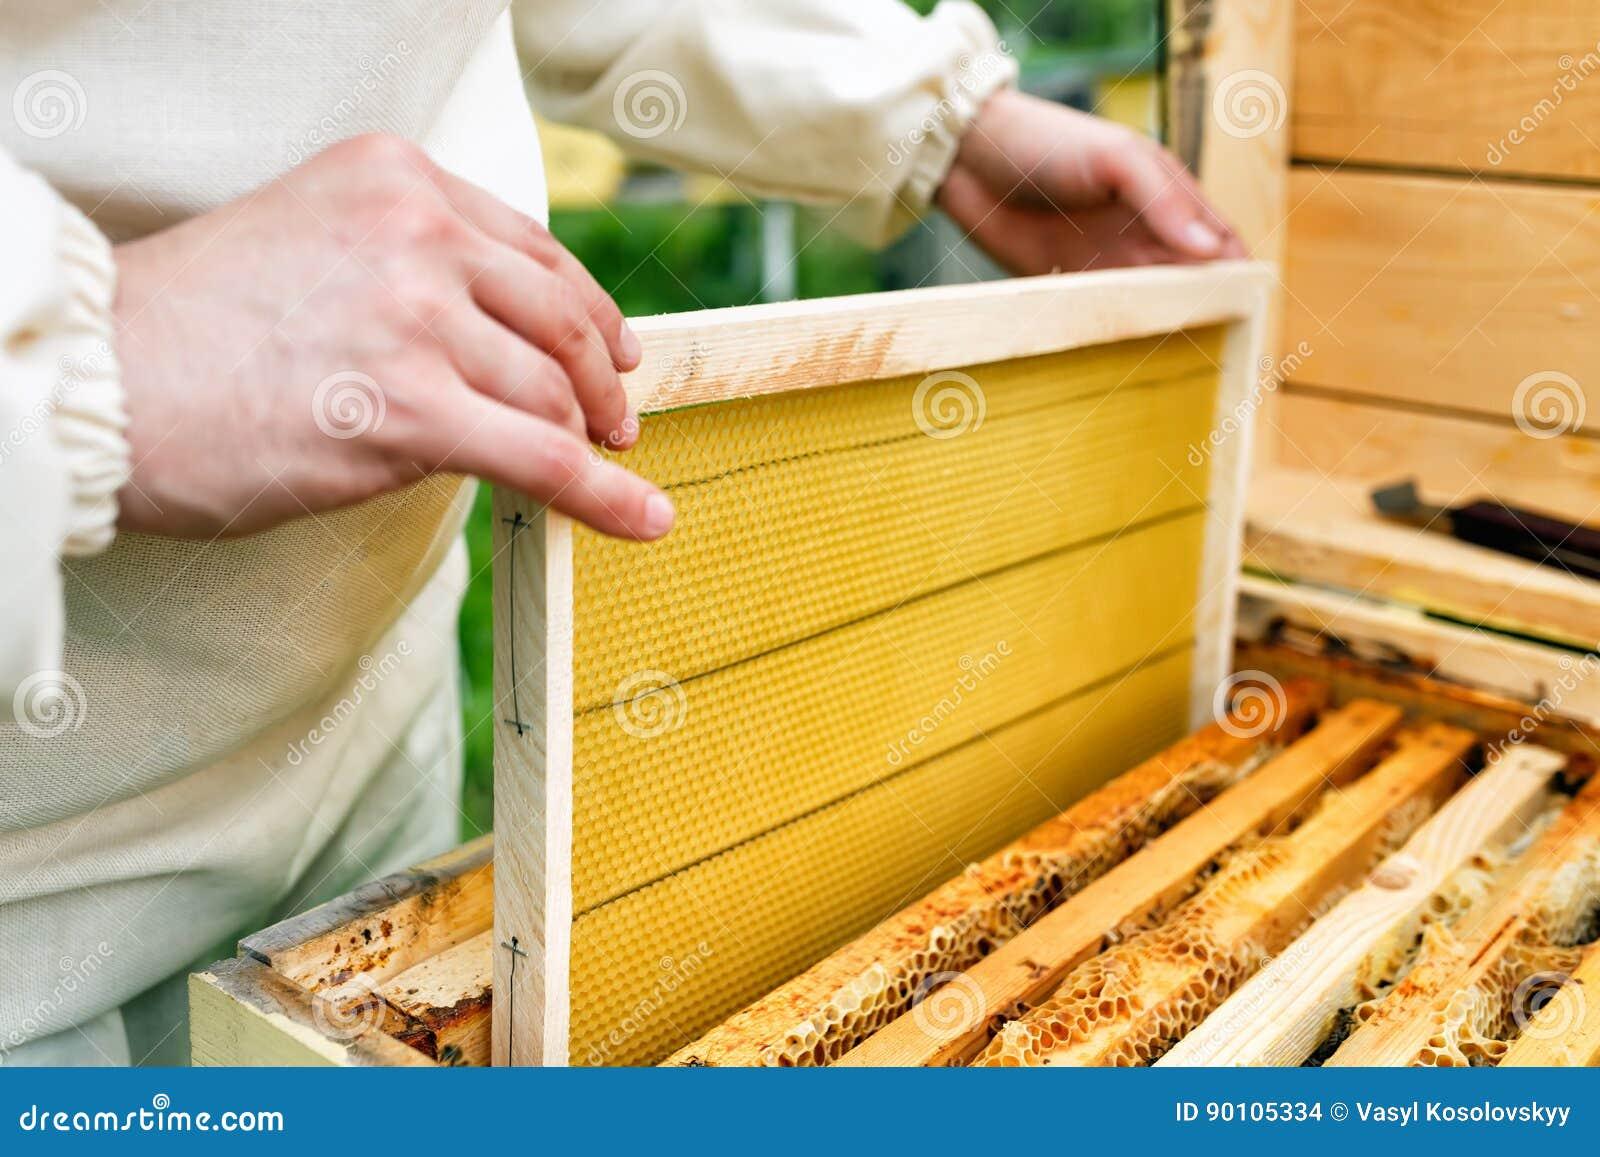 Der Imker Setzt Den Bienenstock Ein Neuer Rahmen Für Honig ...